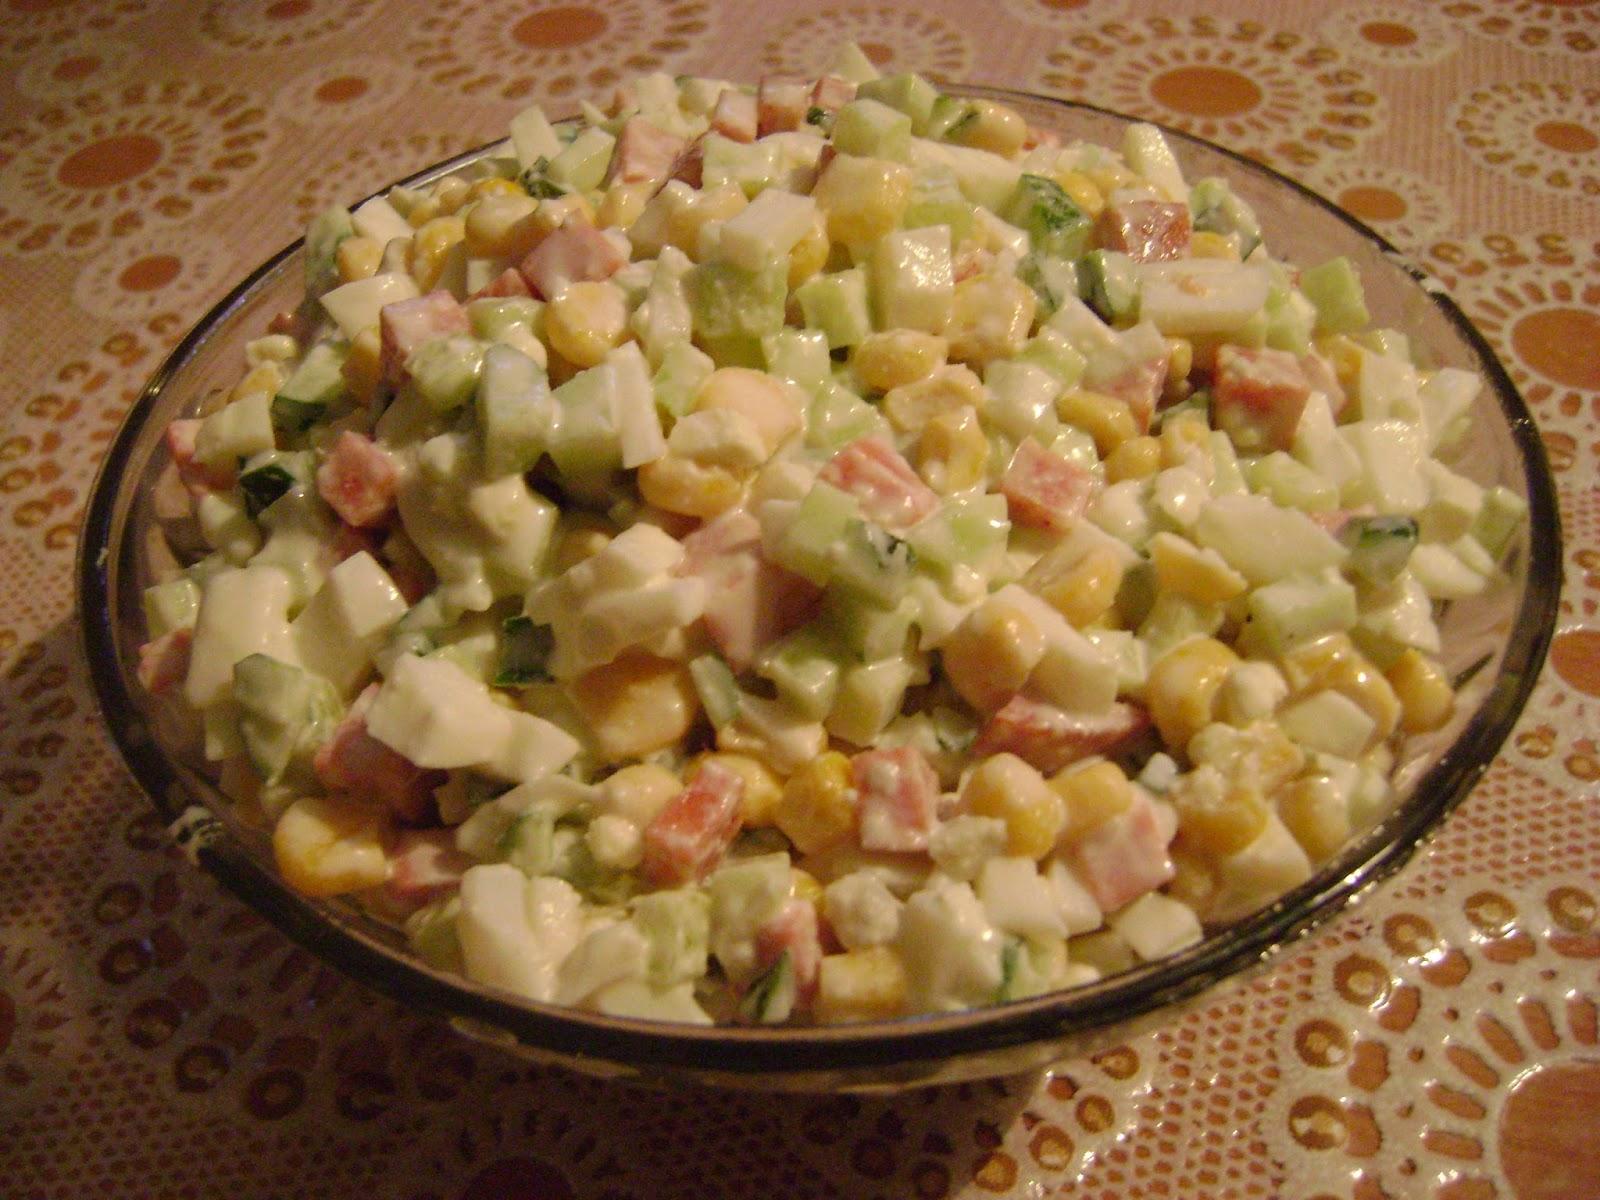 Салат венеция рецепт с колбасой пошагово в